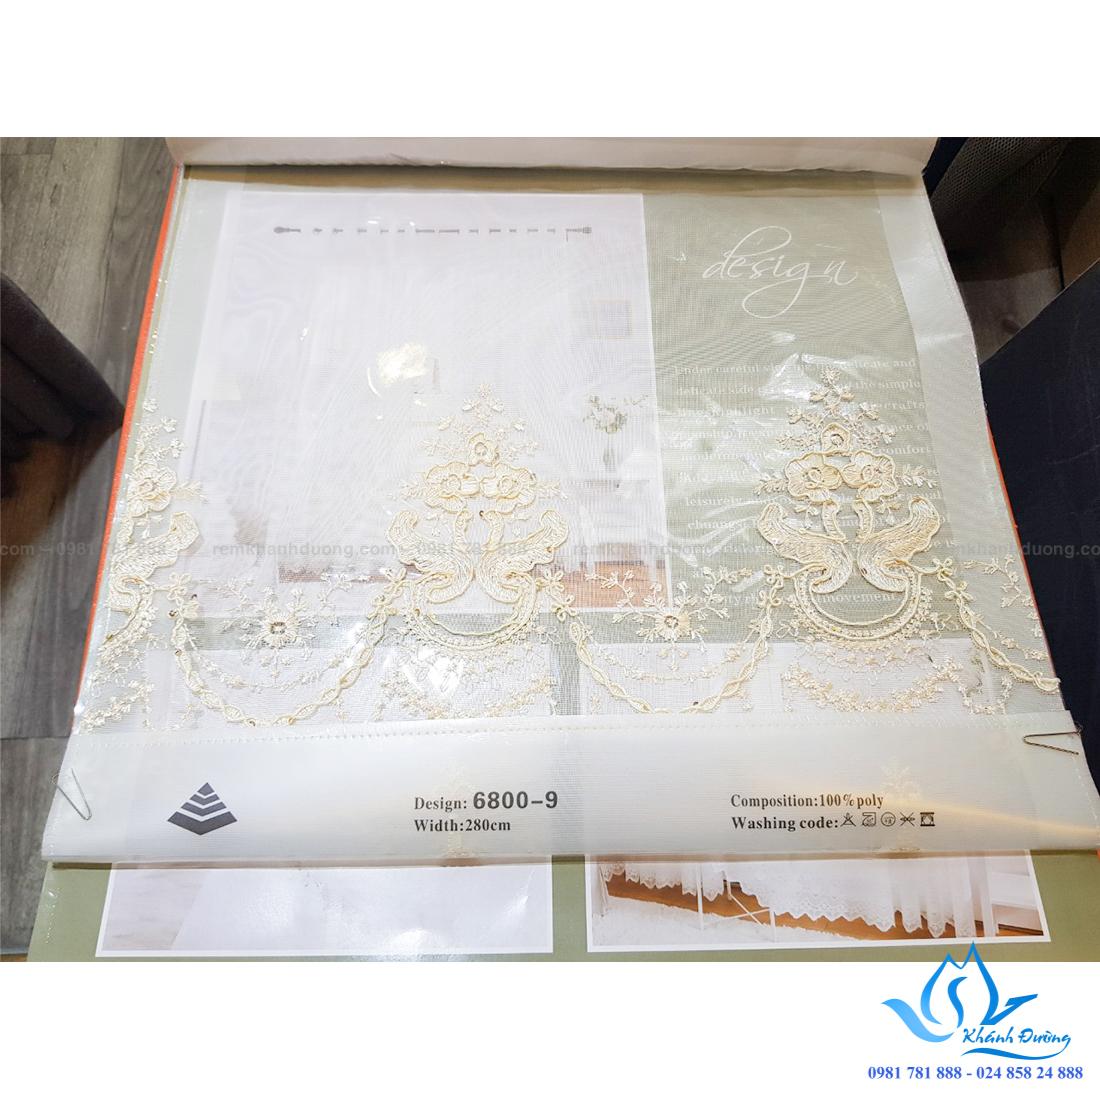 21 rèm vải hàn quốc voan hoa văn thêu tay tại chung cư Vimeco phạm hùng 3,500,000 (2)